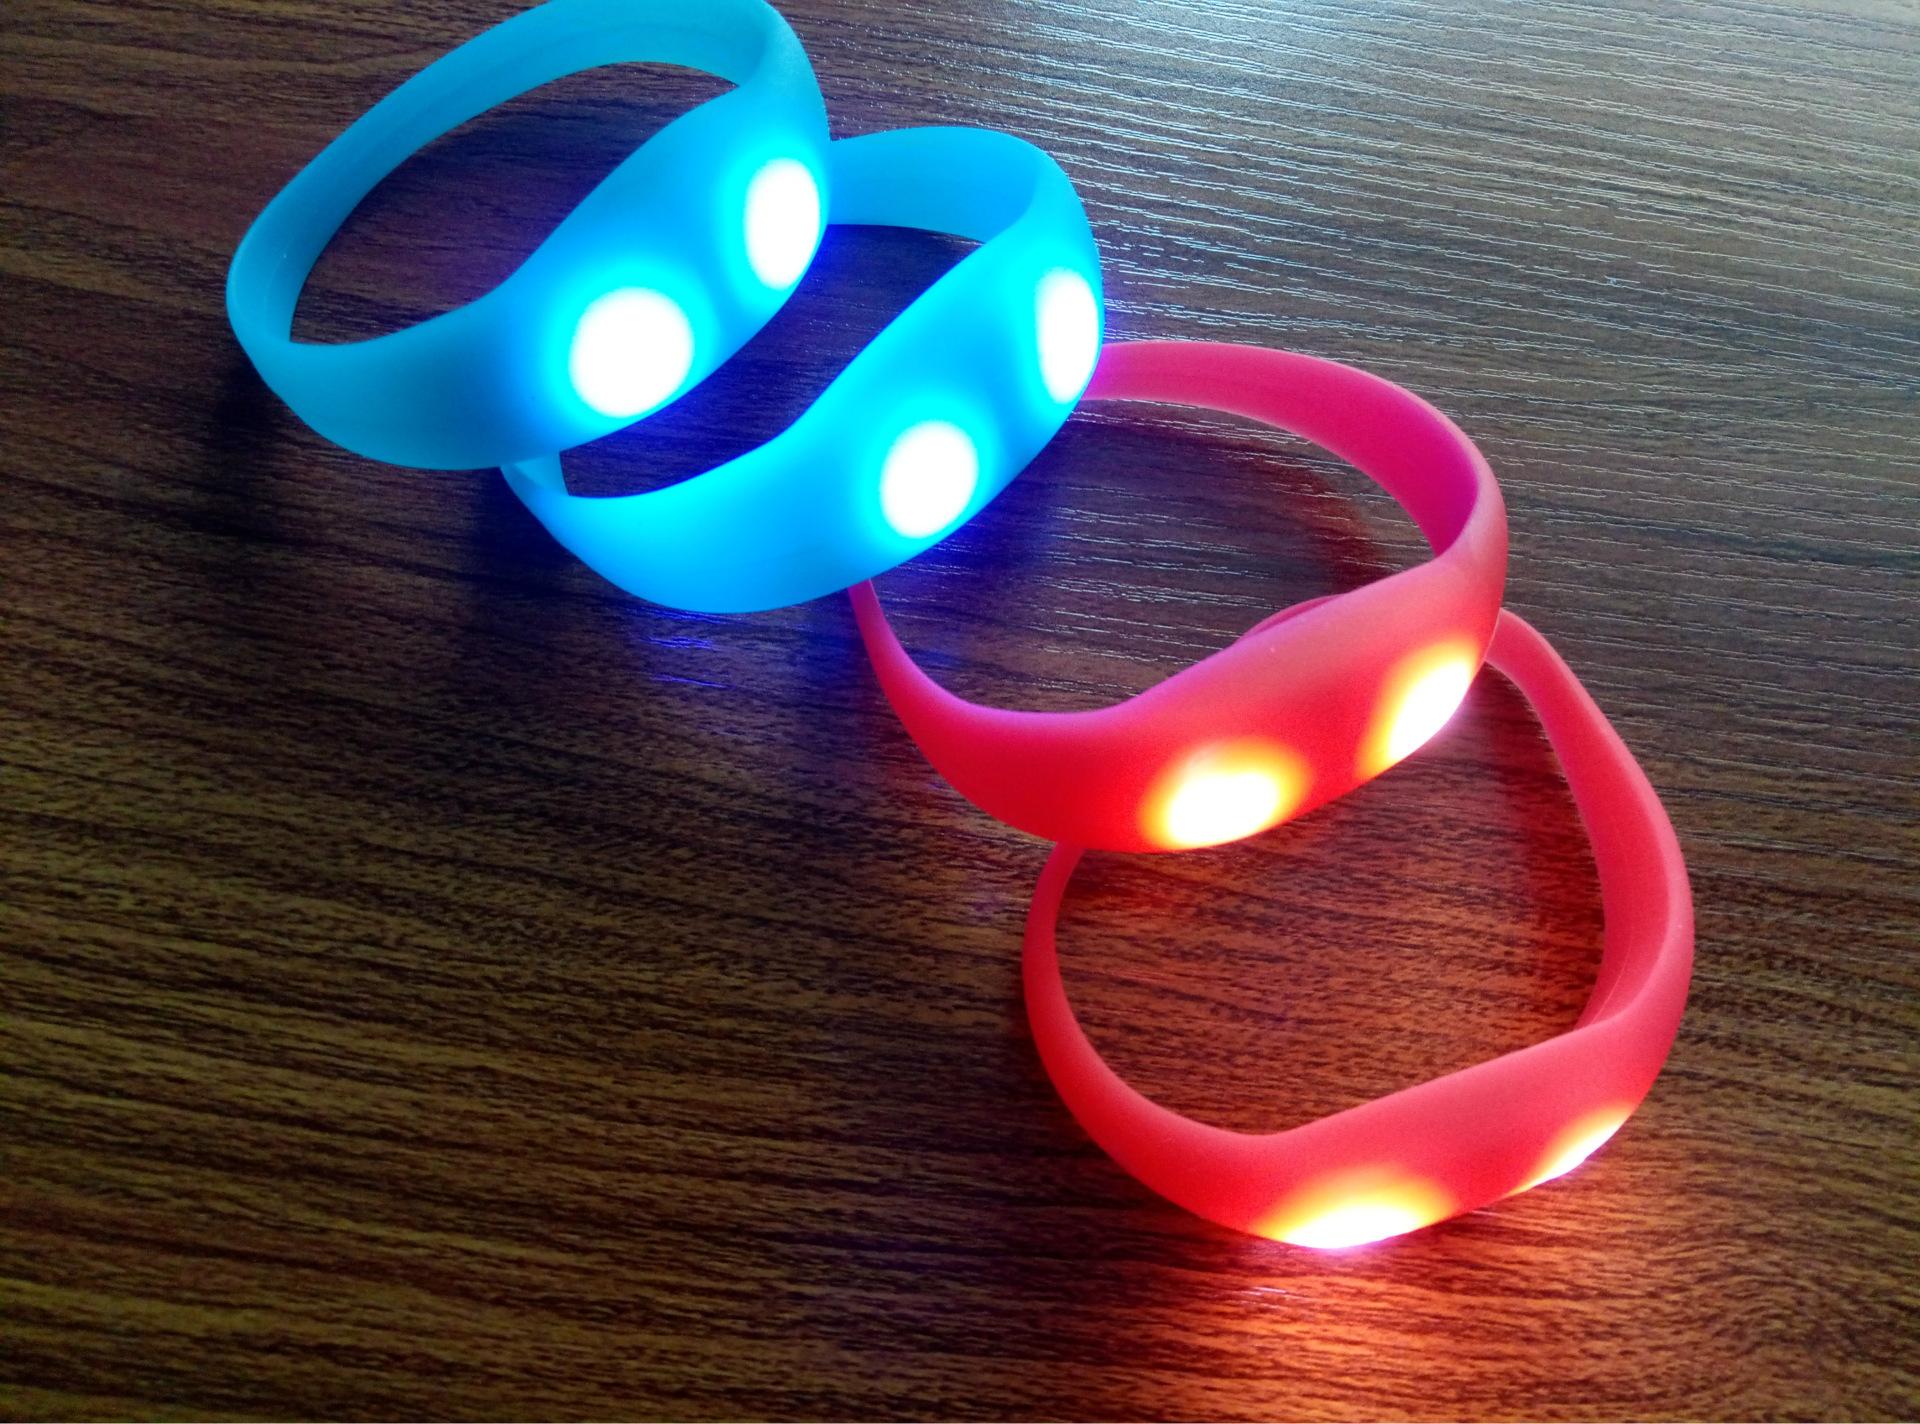 LED Stretchy Bangle Bracelets